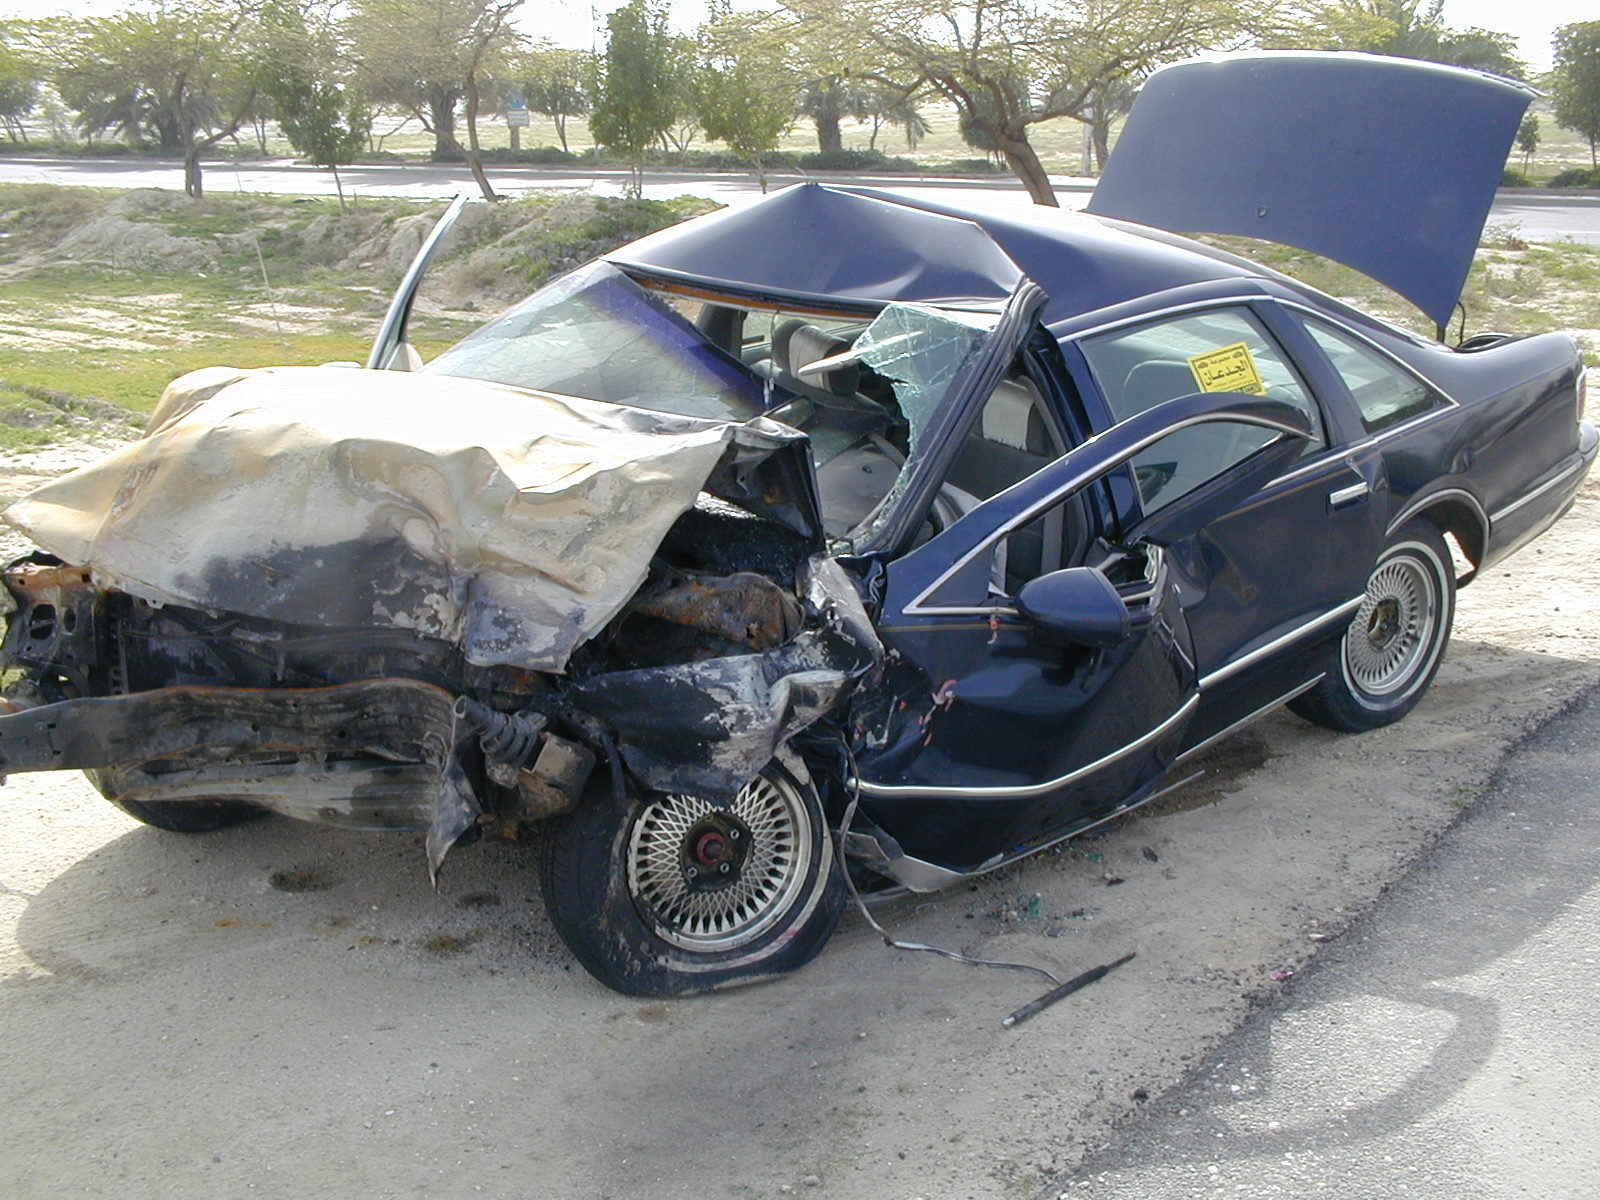 http://1.bp.blogspot.com/_x3NpQclCFR4/TC_nhb8CnII/AAAAAAAAABc/Z4OWVsbYjtQ/s1600/car_crash0149.jpg